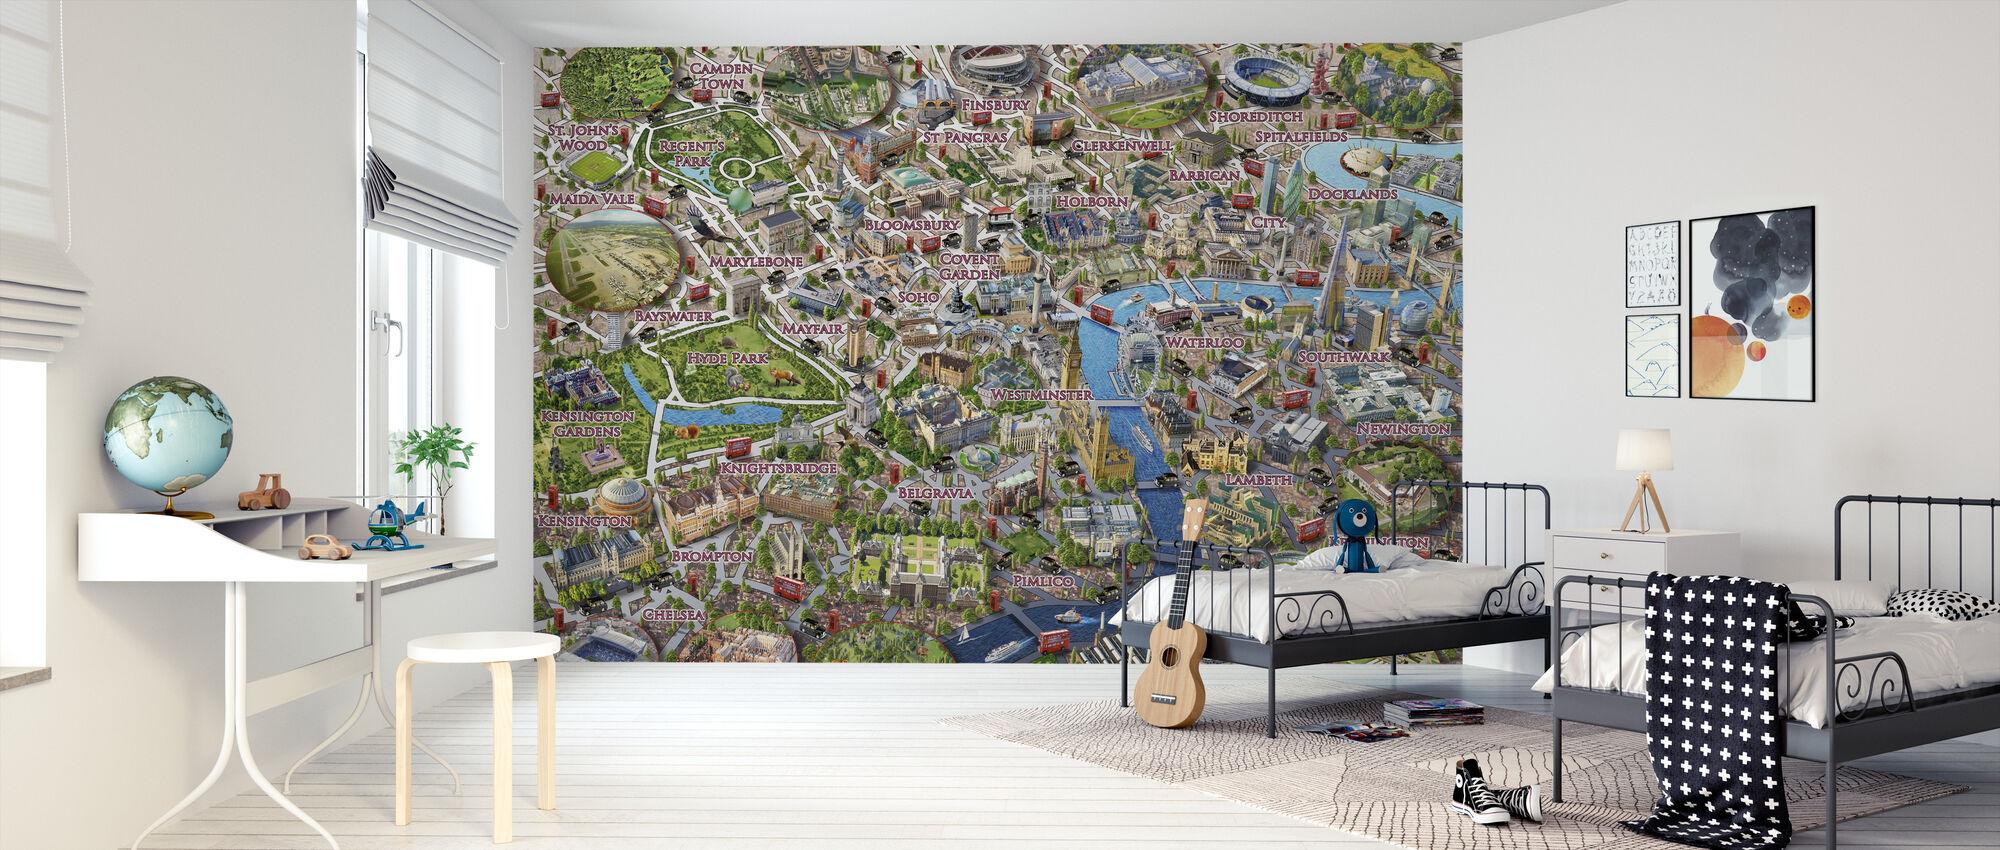 London Landmarks - Wallpaper - Kids Room